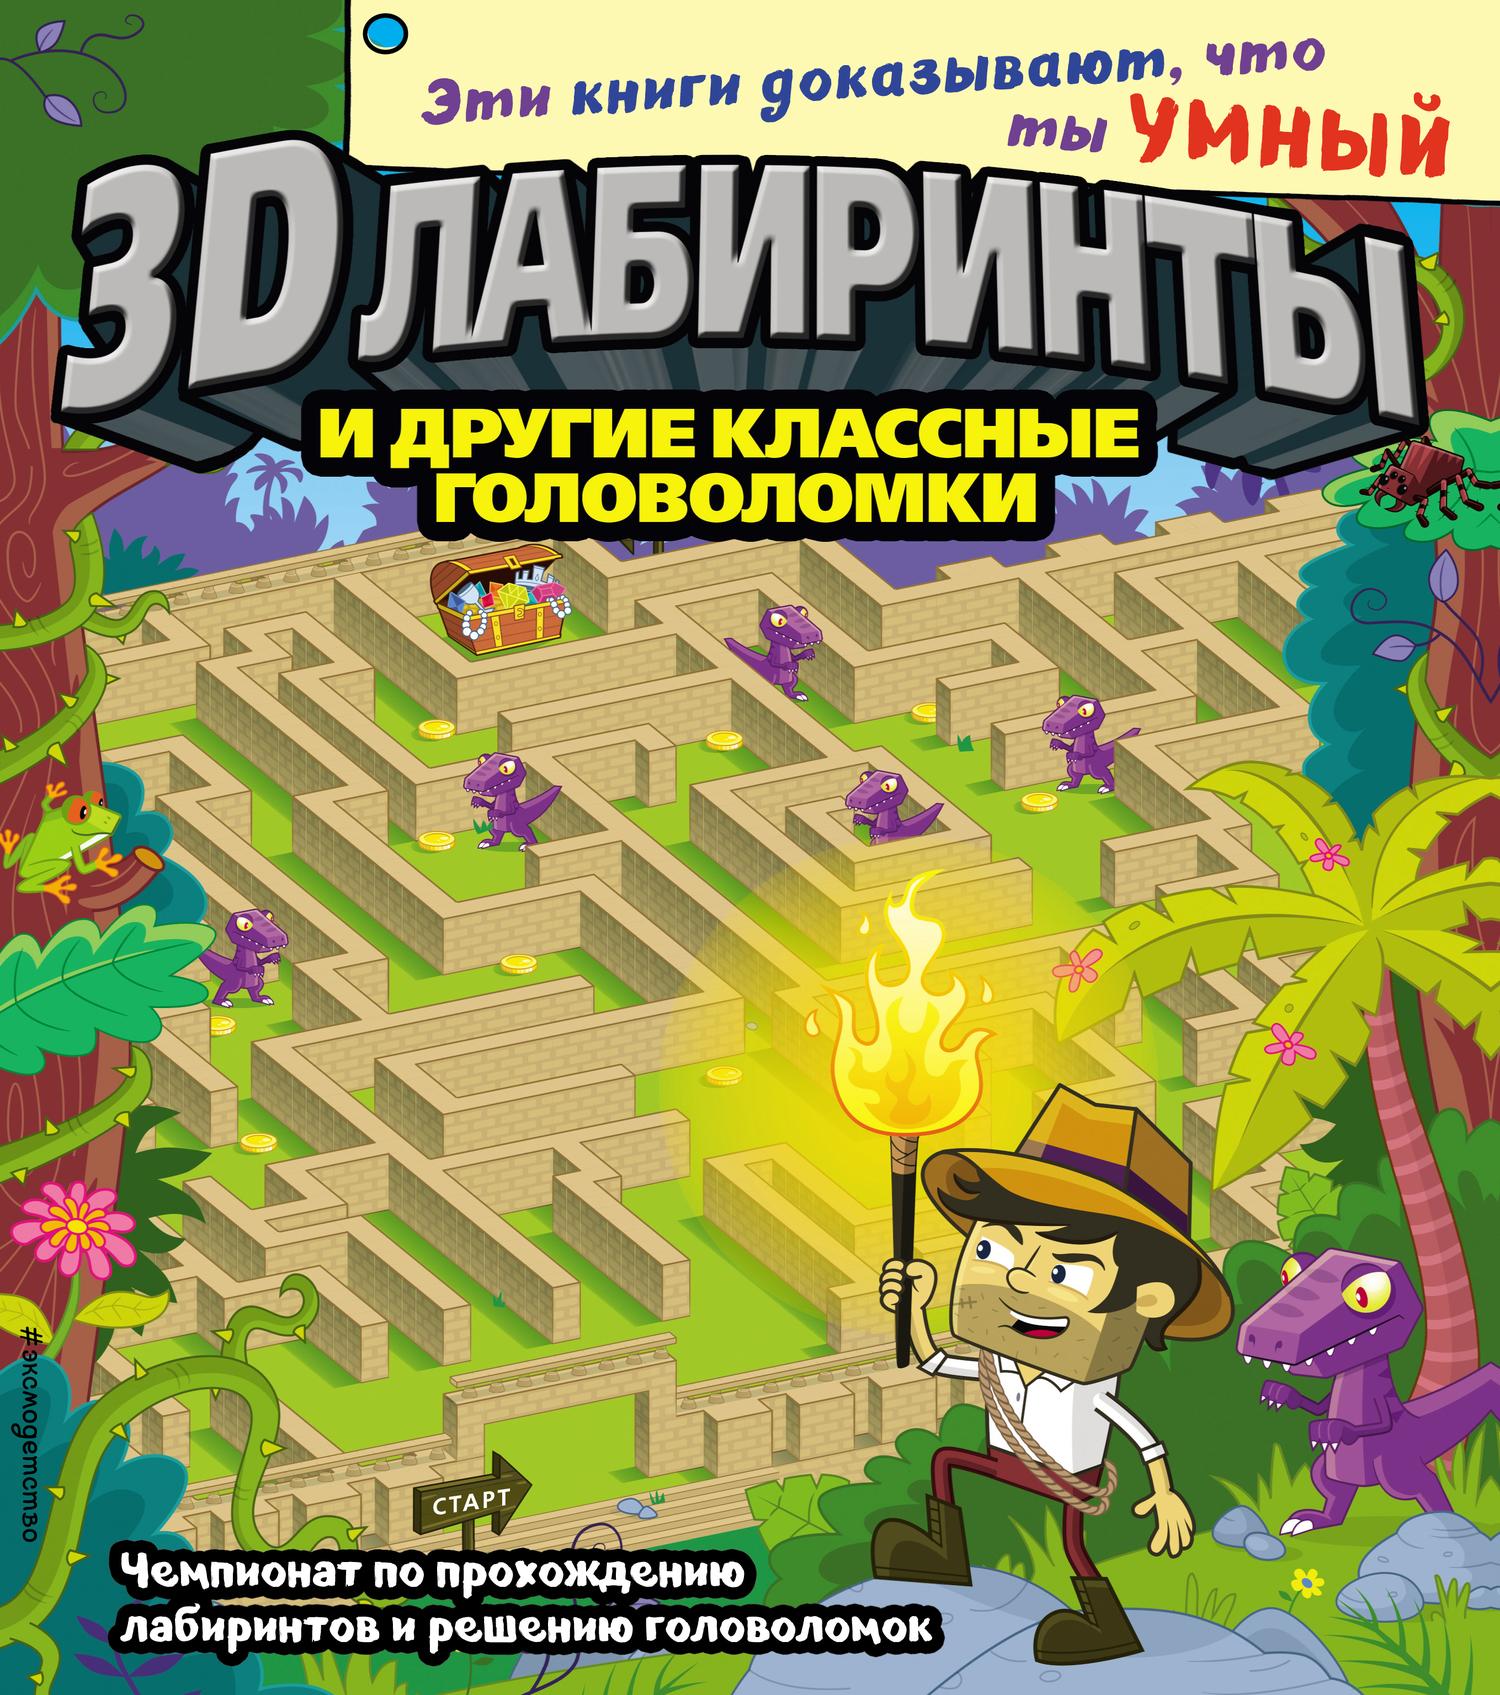 Отсутствует 3D-лабиринты и другие классные головоломки горбачёнок екатерина привет я мишутка